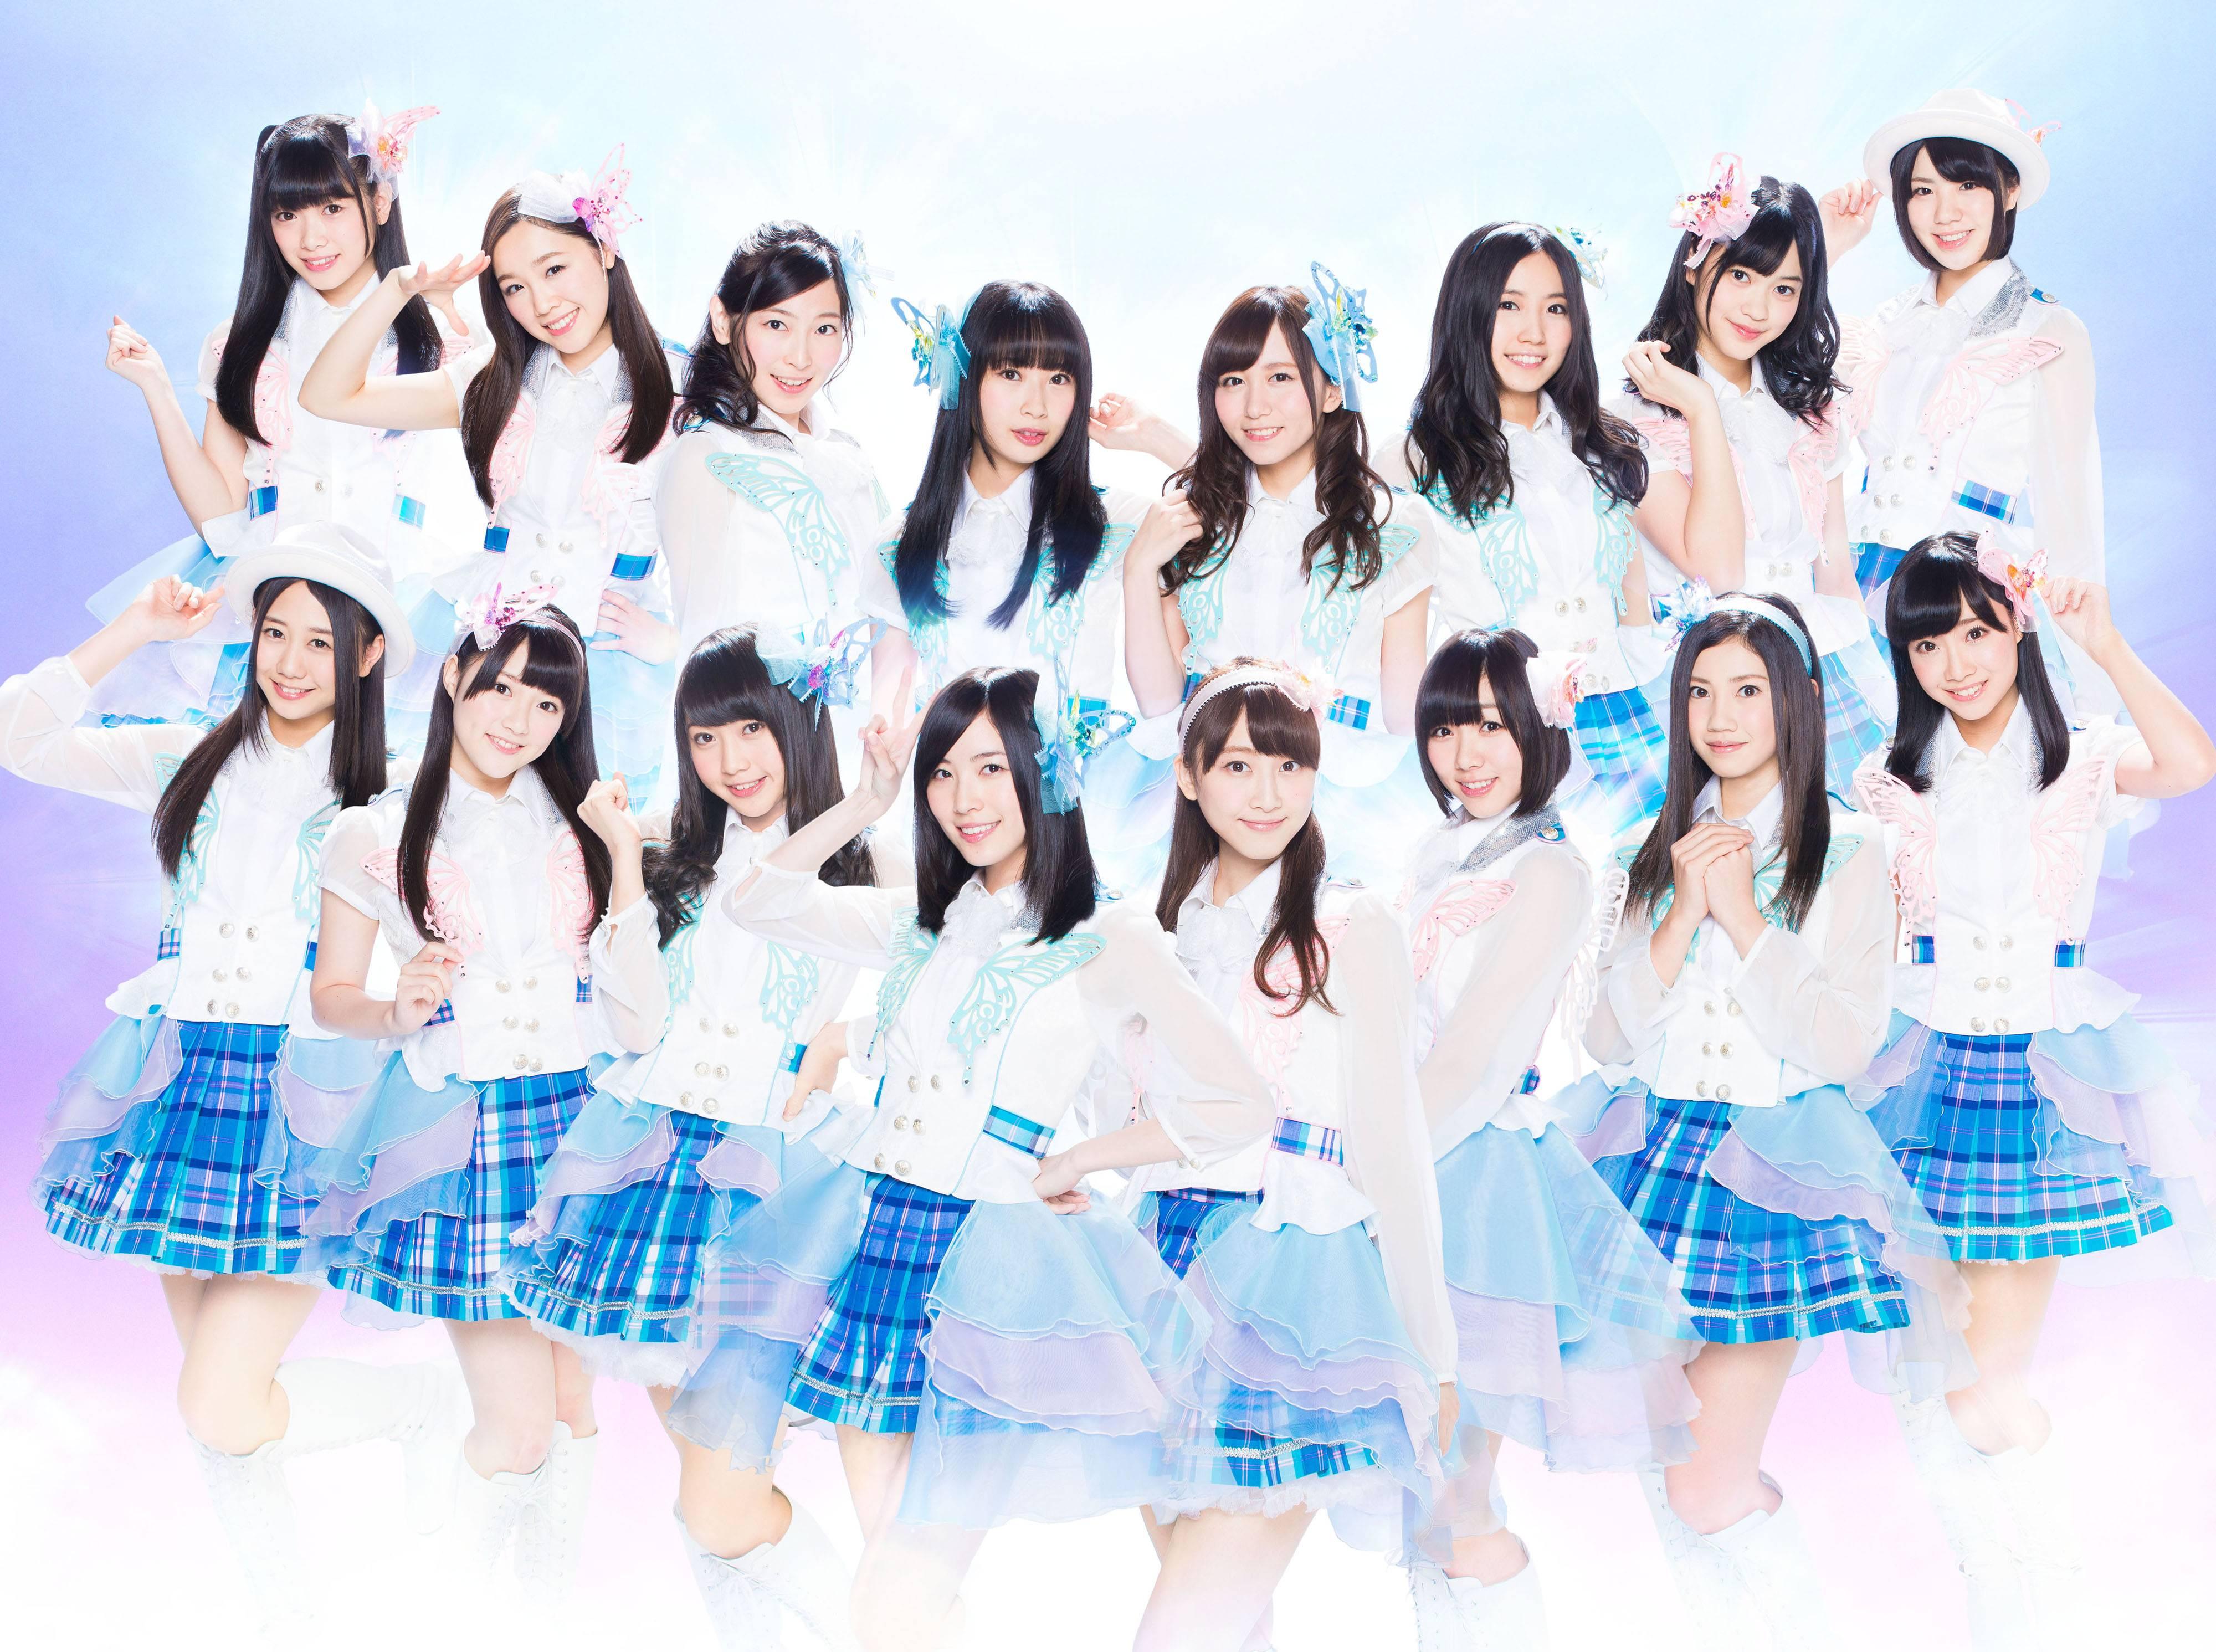 SKE48の公演・ライブを見るなら知っておきたいチームS・K2・Eの特徴